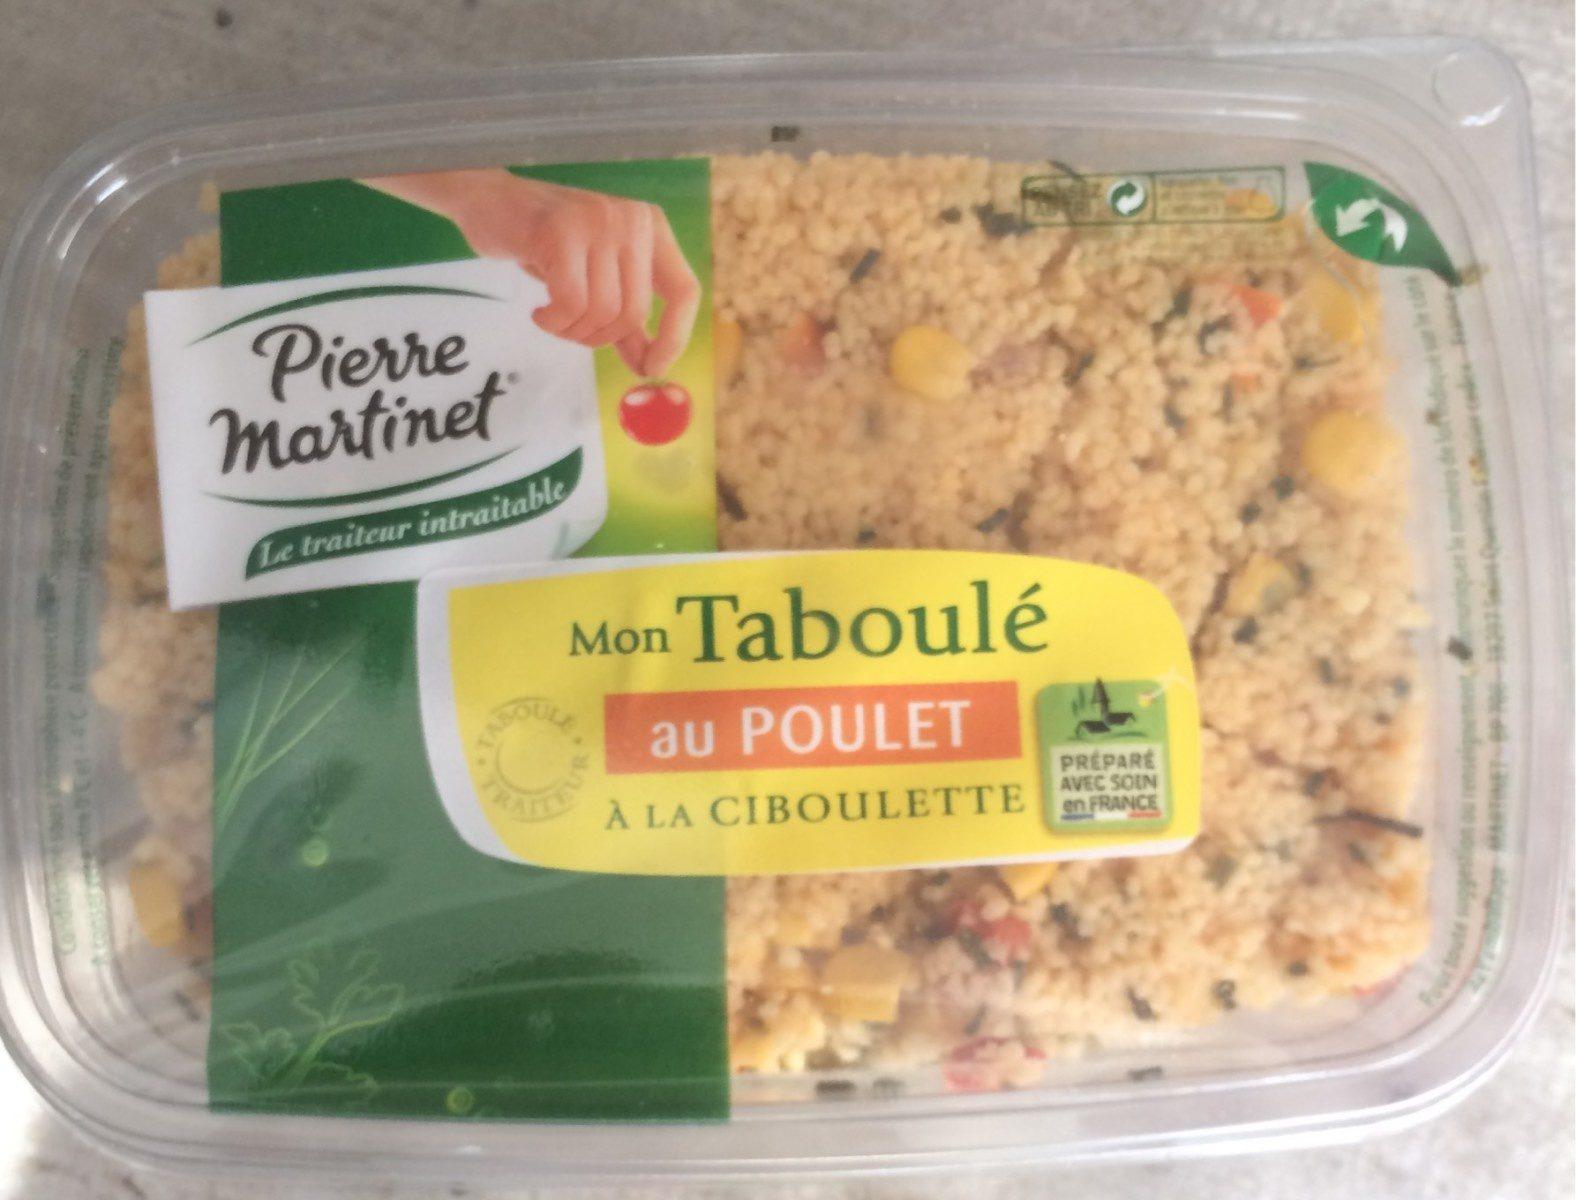 Mon Taboulé au Poulet à la ciboulette - Producto